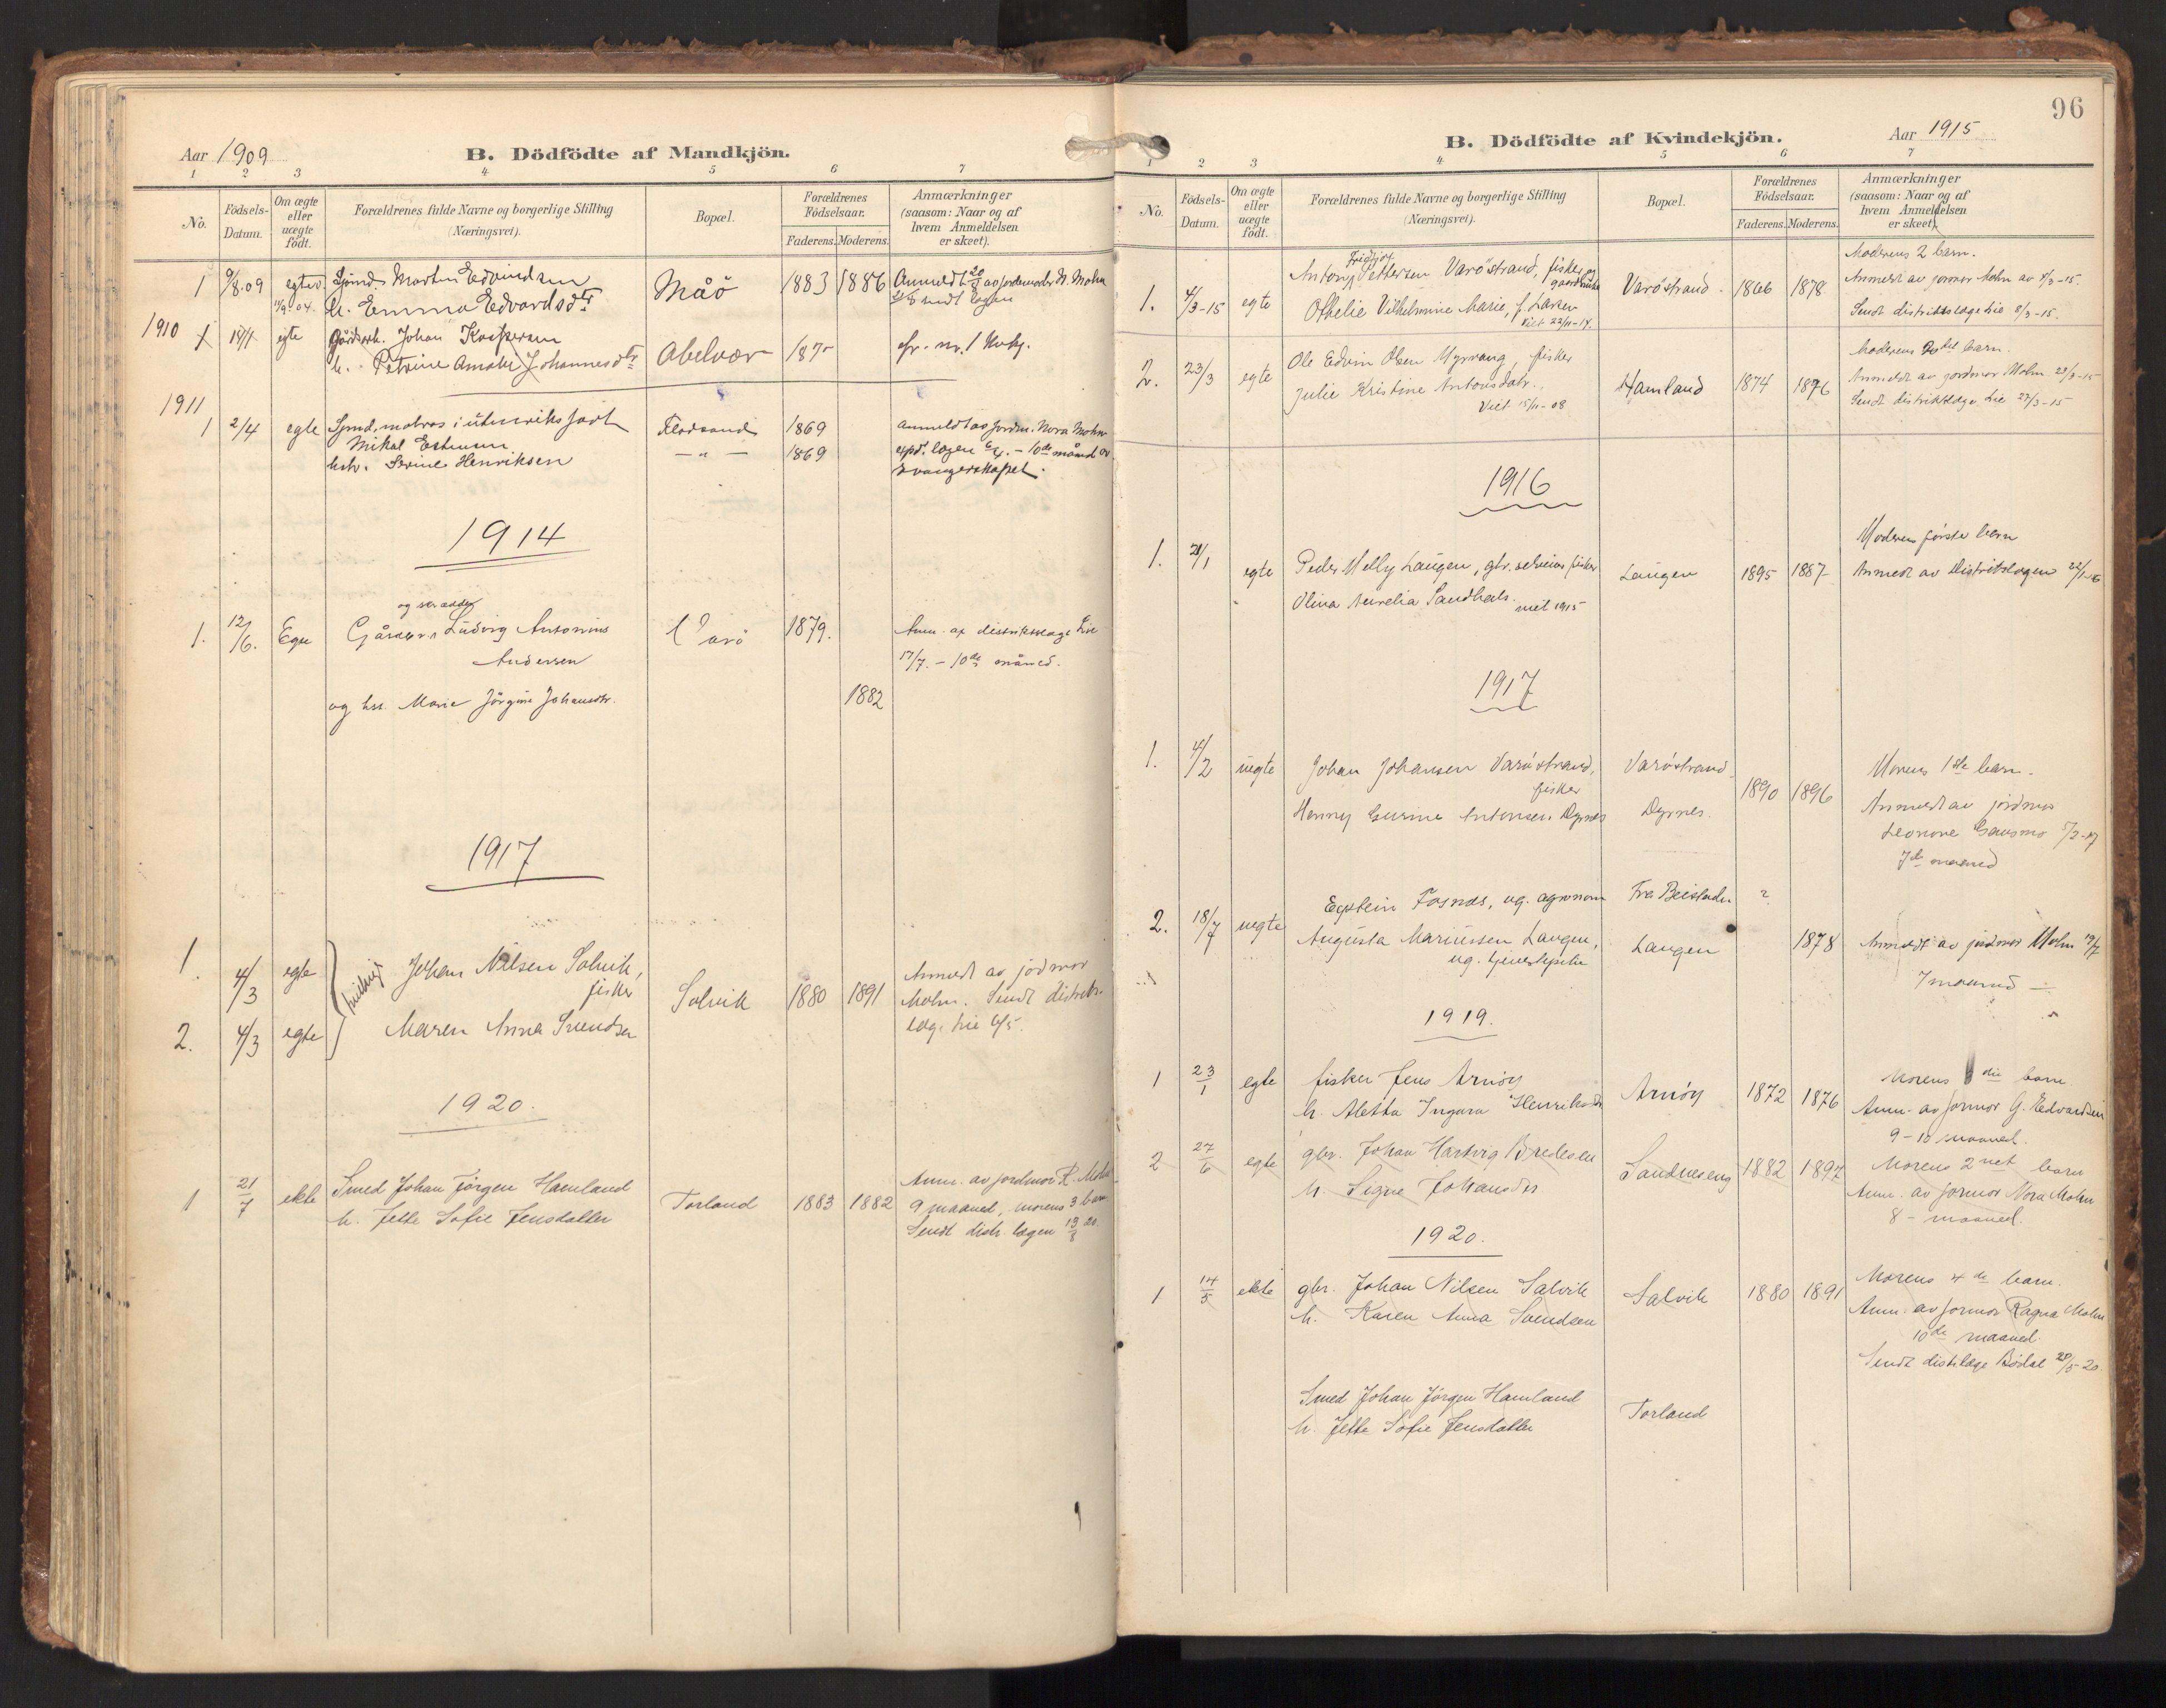 SAT, Ministerialprotokoller, klokkerbøker og fødselsregistre - Nord-Trøndelag, 784/L0677: Ministerialbok nr. 784A12, 1900-1920, s. 96